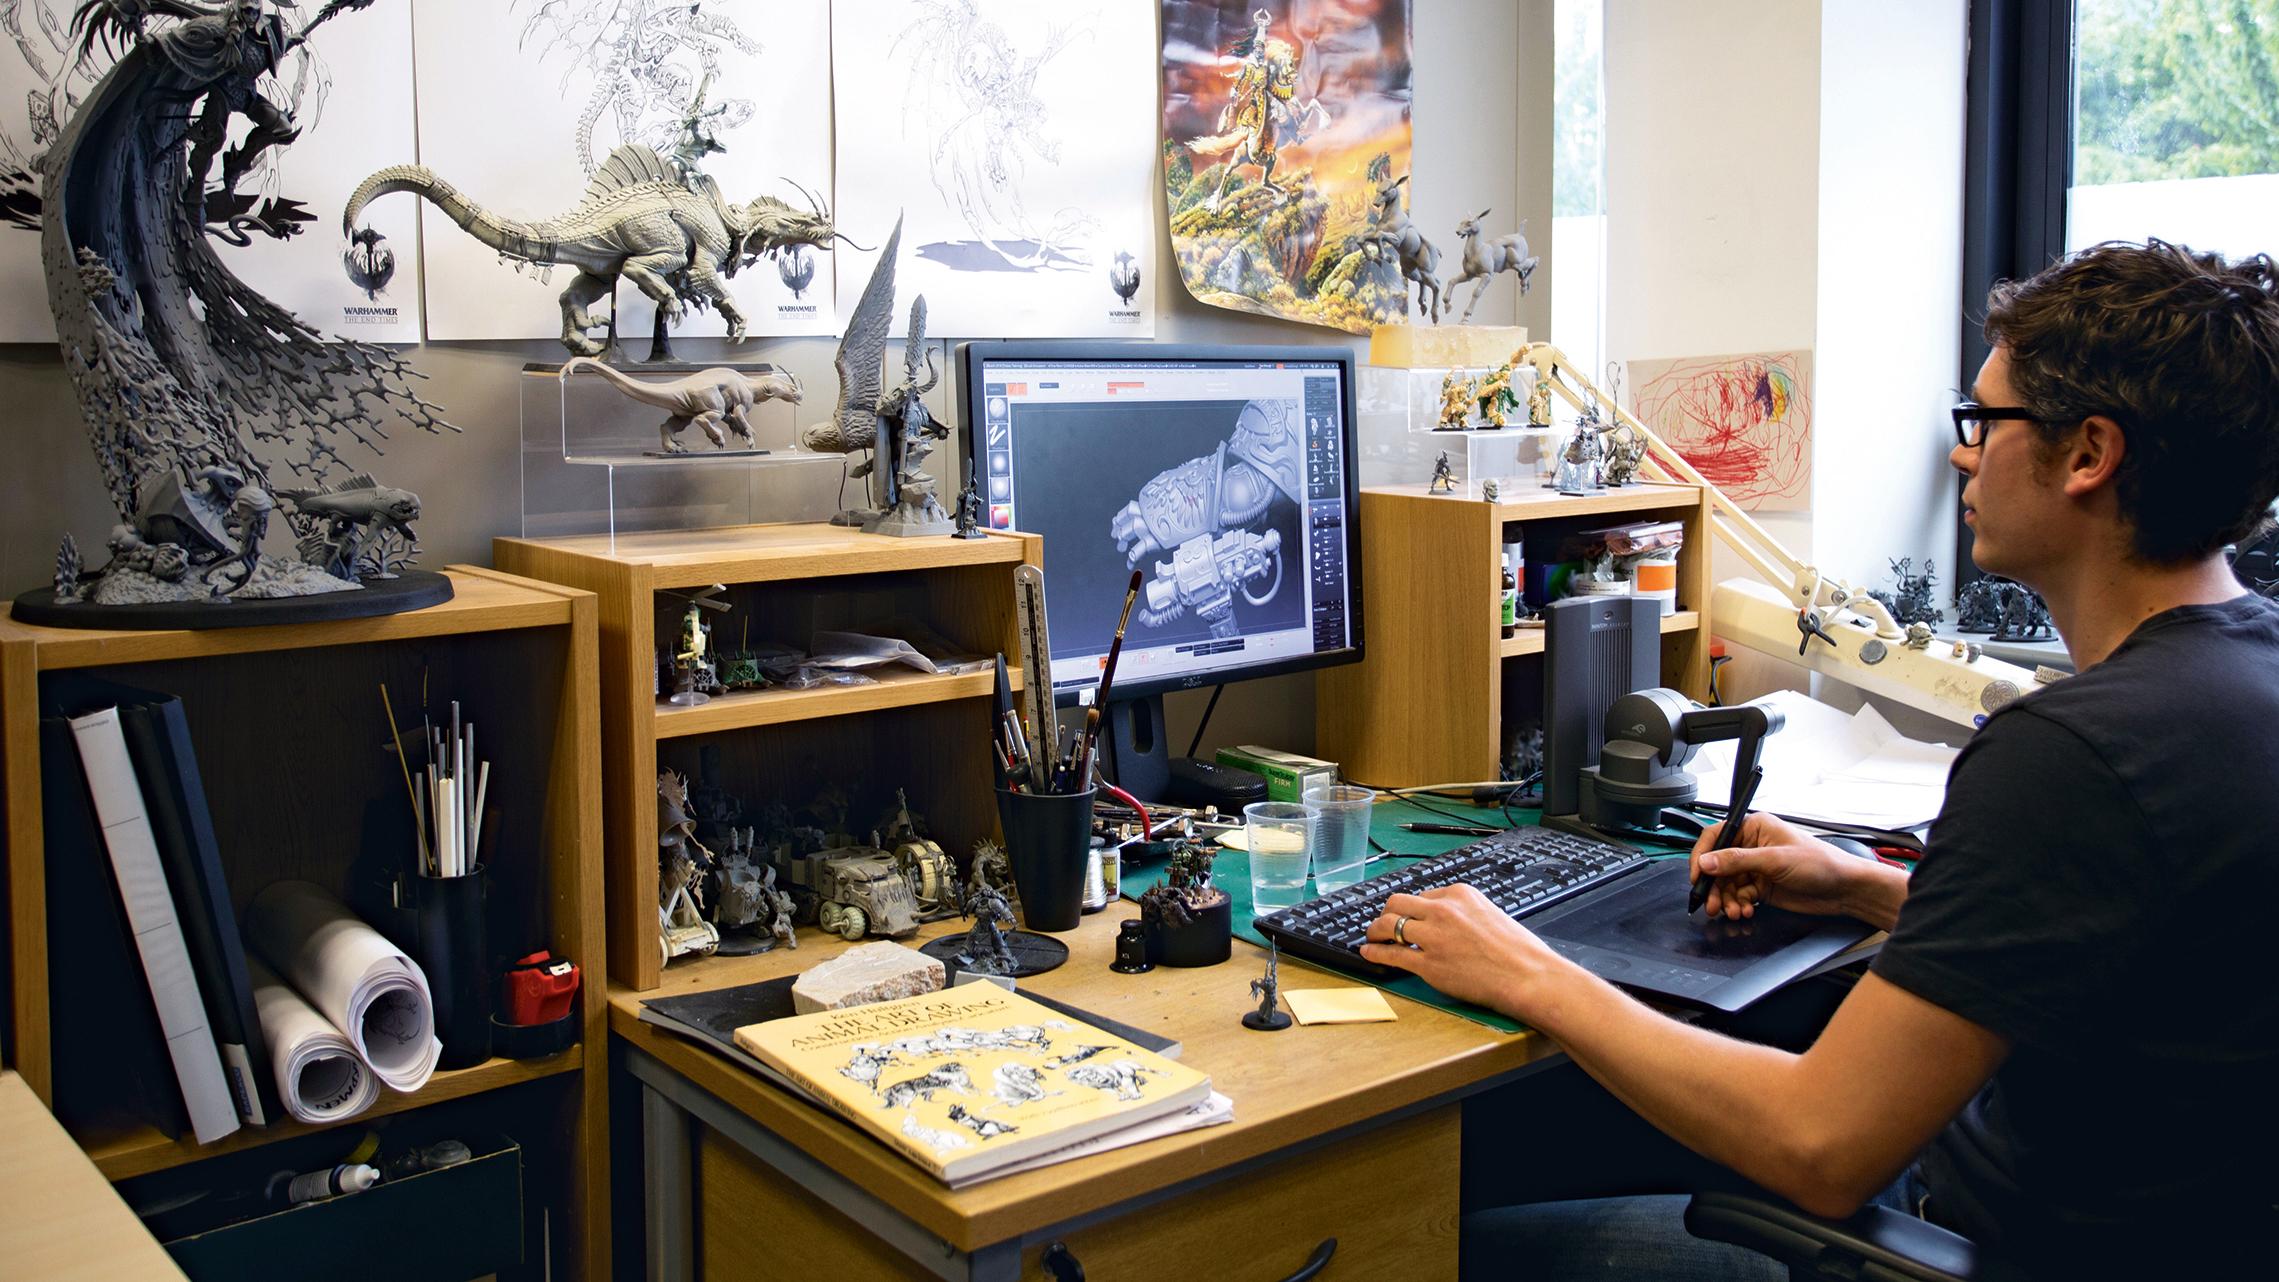 Inside Games Workshop